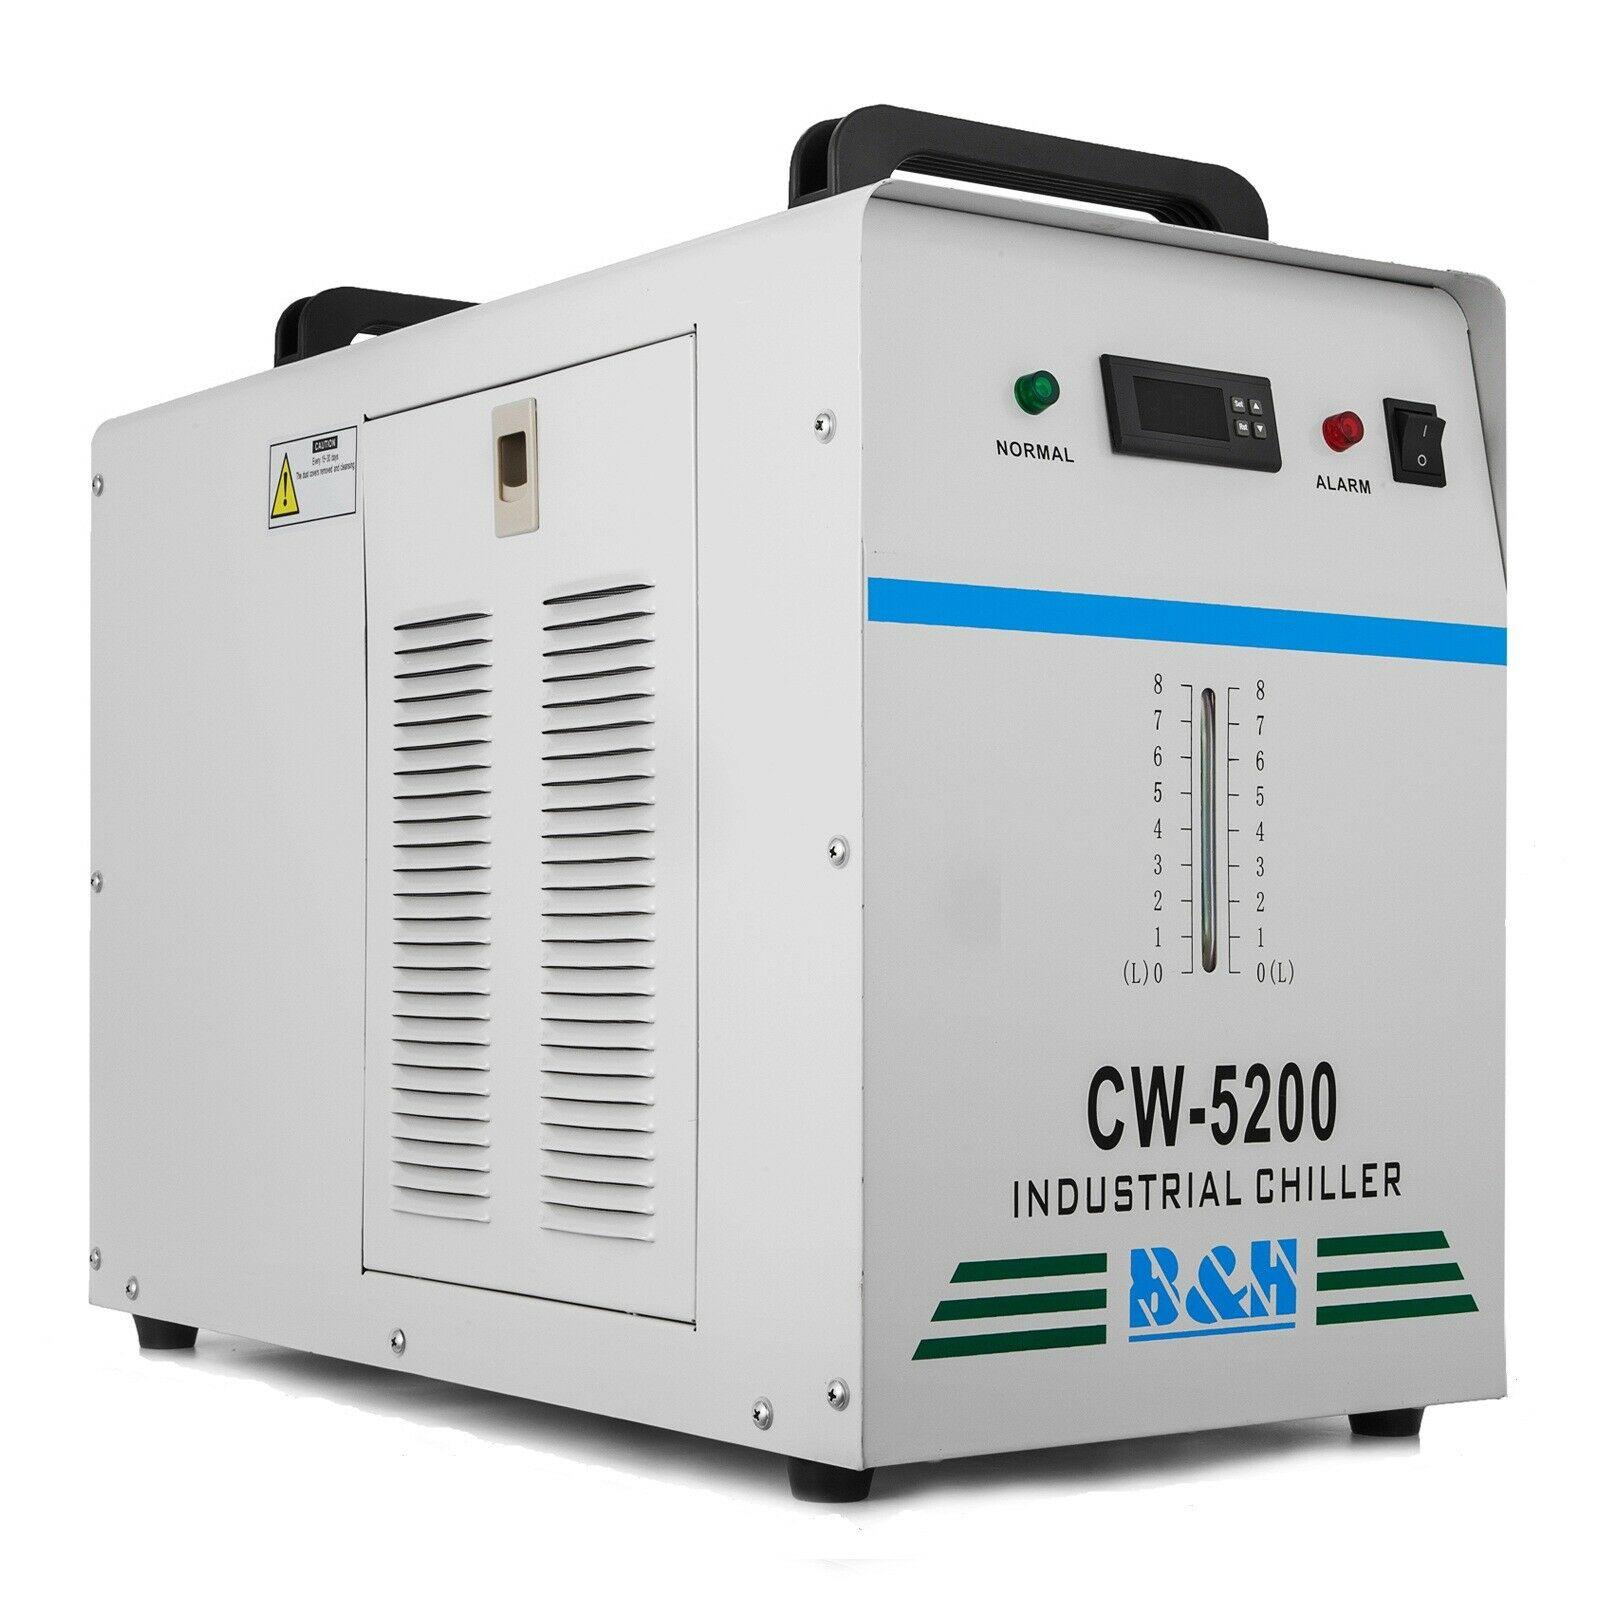 Co2 Laser Water Chiller CW 5200 Industrial Chiller 220v